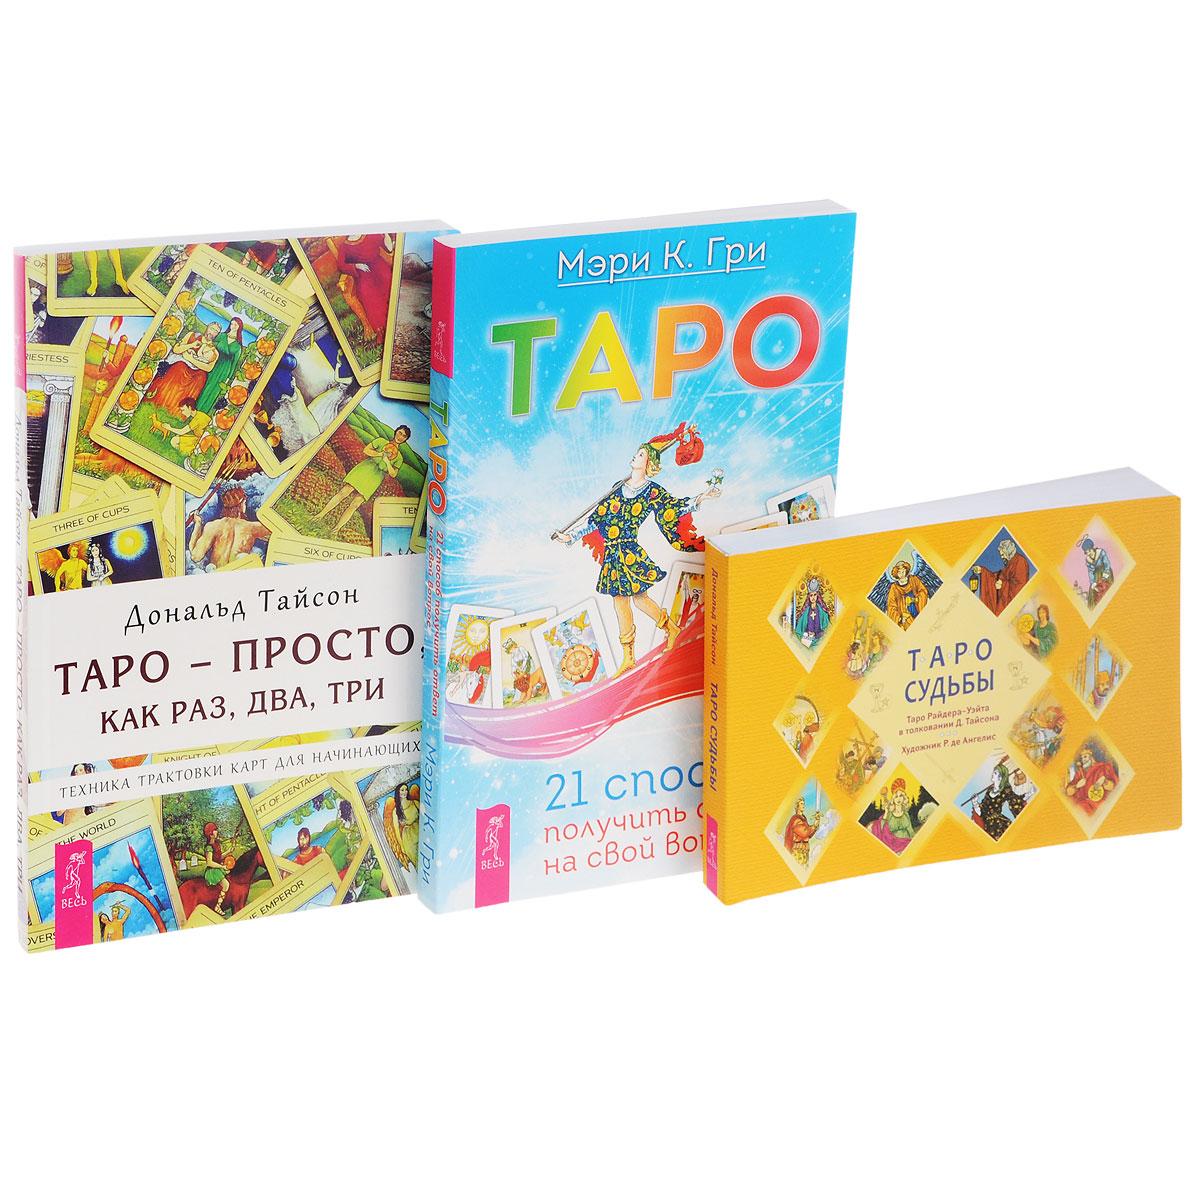 Дональд Тайсон, Мэри К. Гри Таро - просто, как раз, два, три. Таро. Таро судьбы (комплект из 3 книг + набор из 78 карт) дональд тайсон мэри к гри таро просто как раз два три таро таро судьбы комплект из 3 книг набор из 78 карт